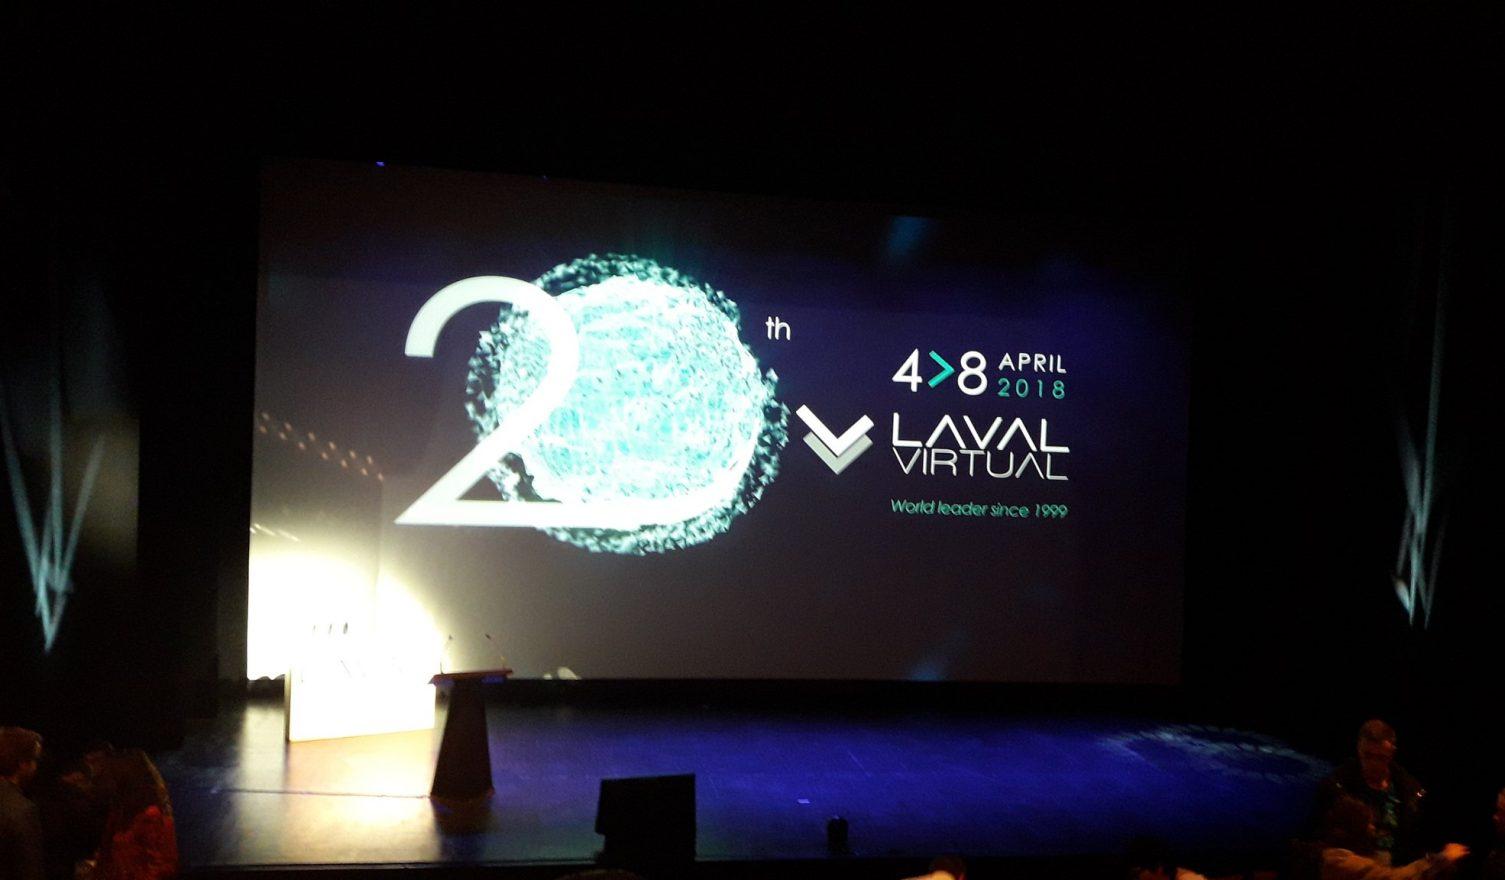 """DaCOX 0XkAABc7E 1505x880 - Laval Virtual 2018 : """"A Knight's Ascension"""" finaliste de la Virtual Fantasy - Demo"""